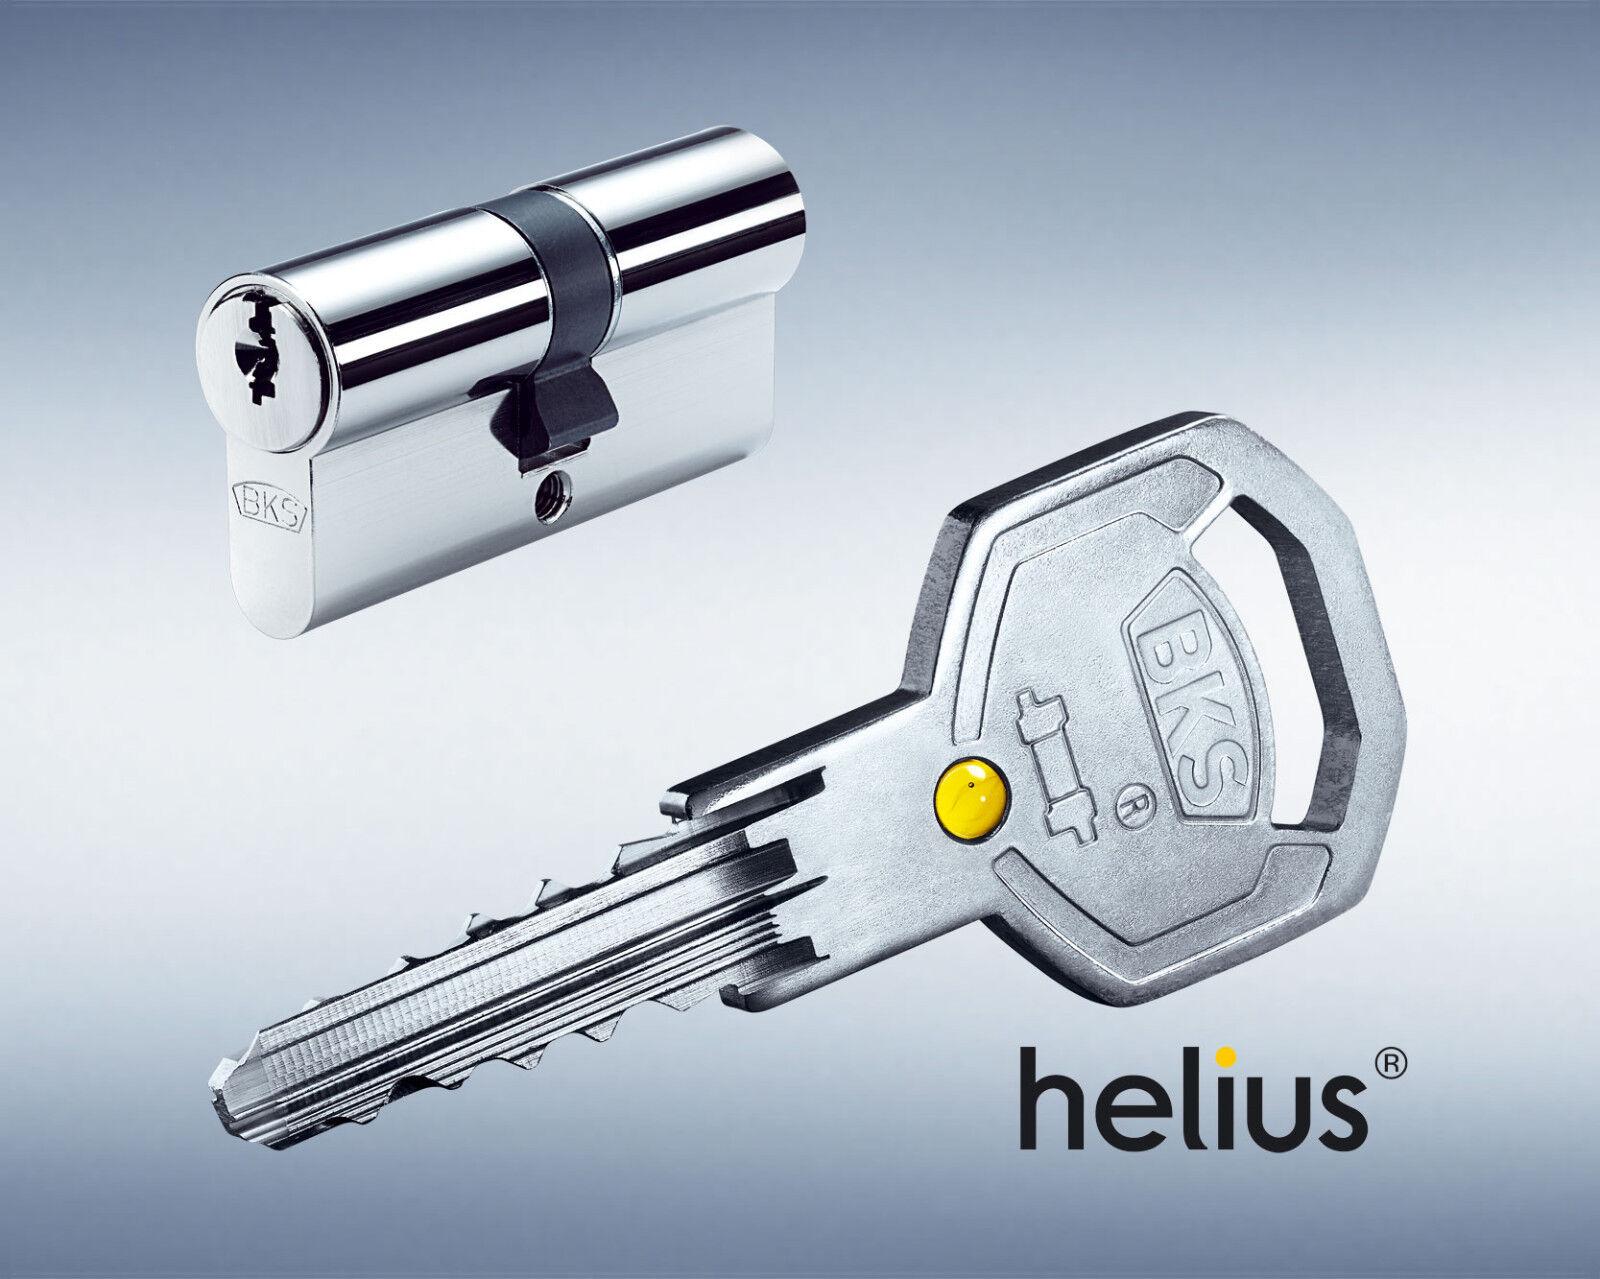 Schließzylinder BKS Helius Profilzylinder Schließanlage Zylinderschloß  | Zürich  | Guter Markt  | Outlet Online  | Mode-Muster